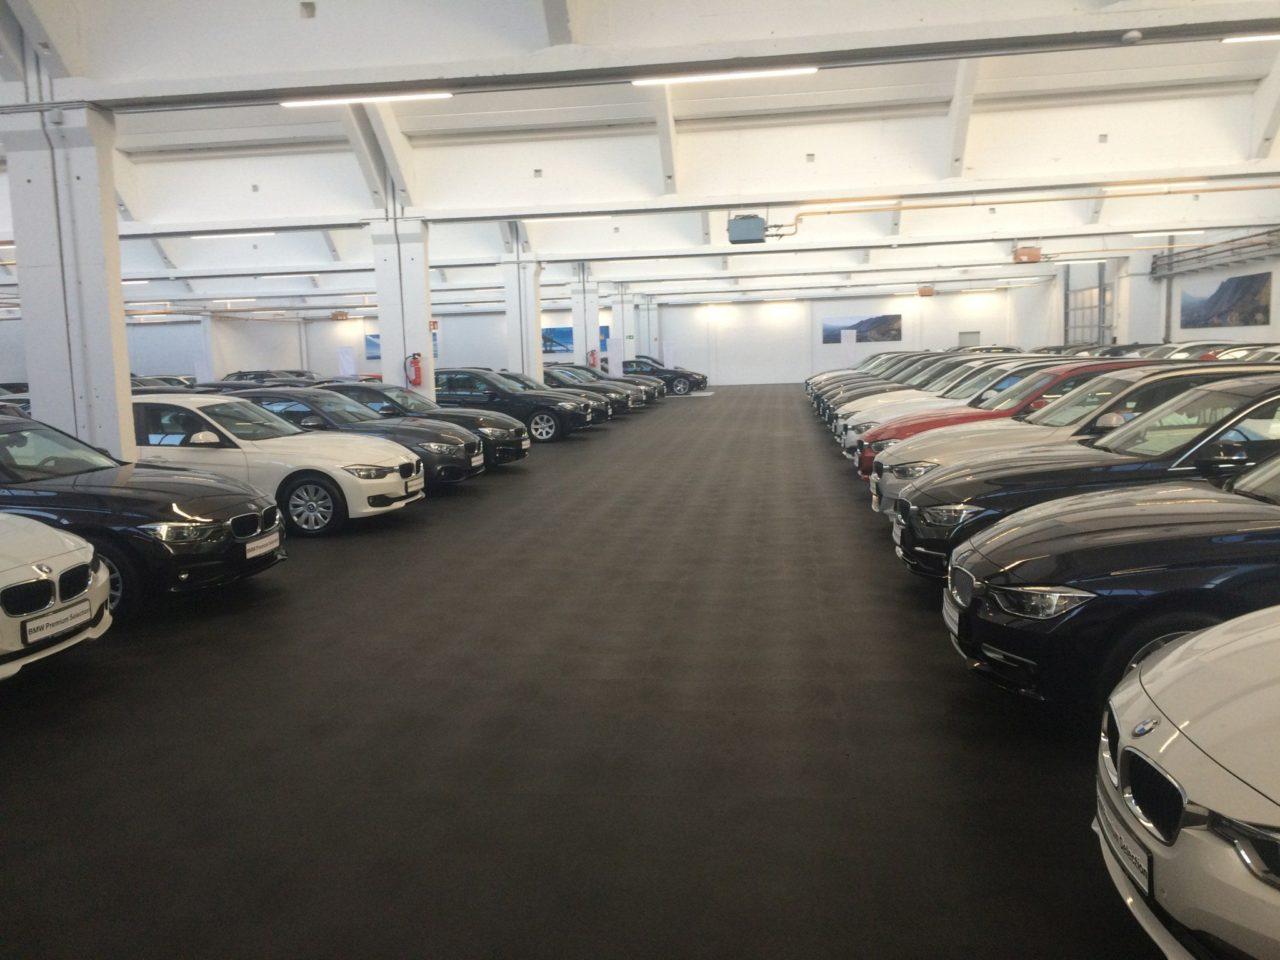 Bodenbelag Garage pvc garagenboden mit klicksystem aus fliesen platten pvc